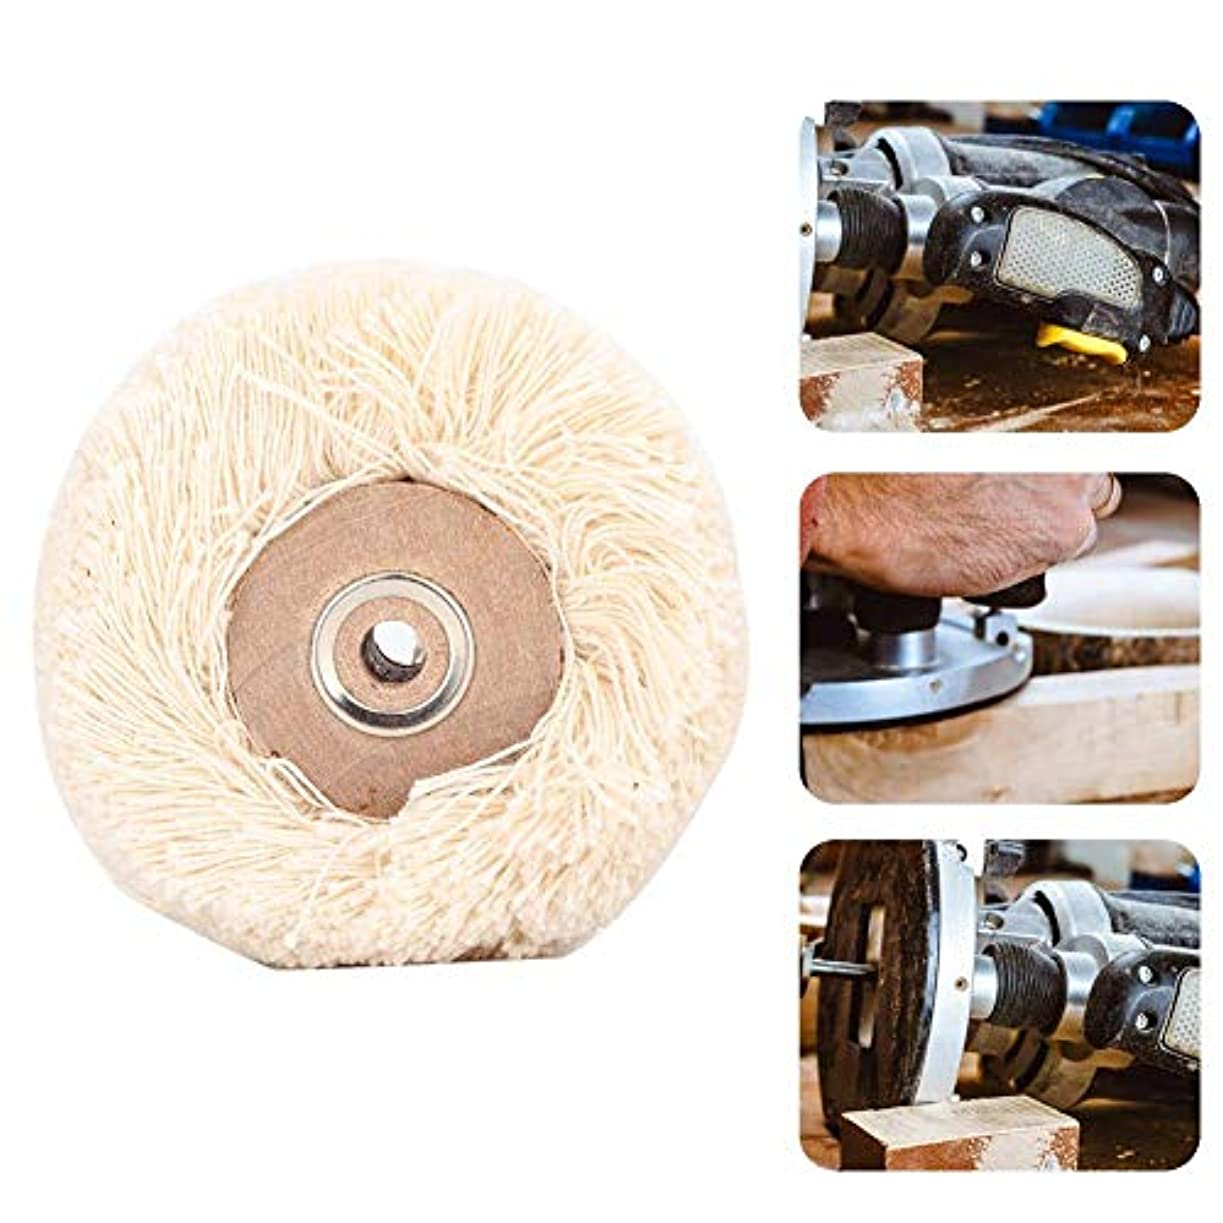 不明瞭有益な重さ研磨ヘッド 回転工具 研磨ドリルグラインダーホイールブラシジュエリー研磨工具(M)